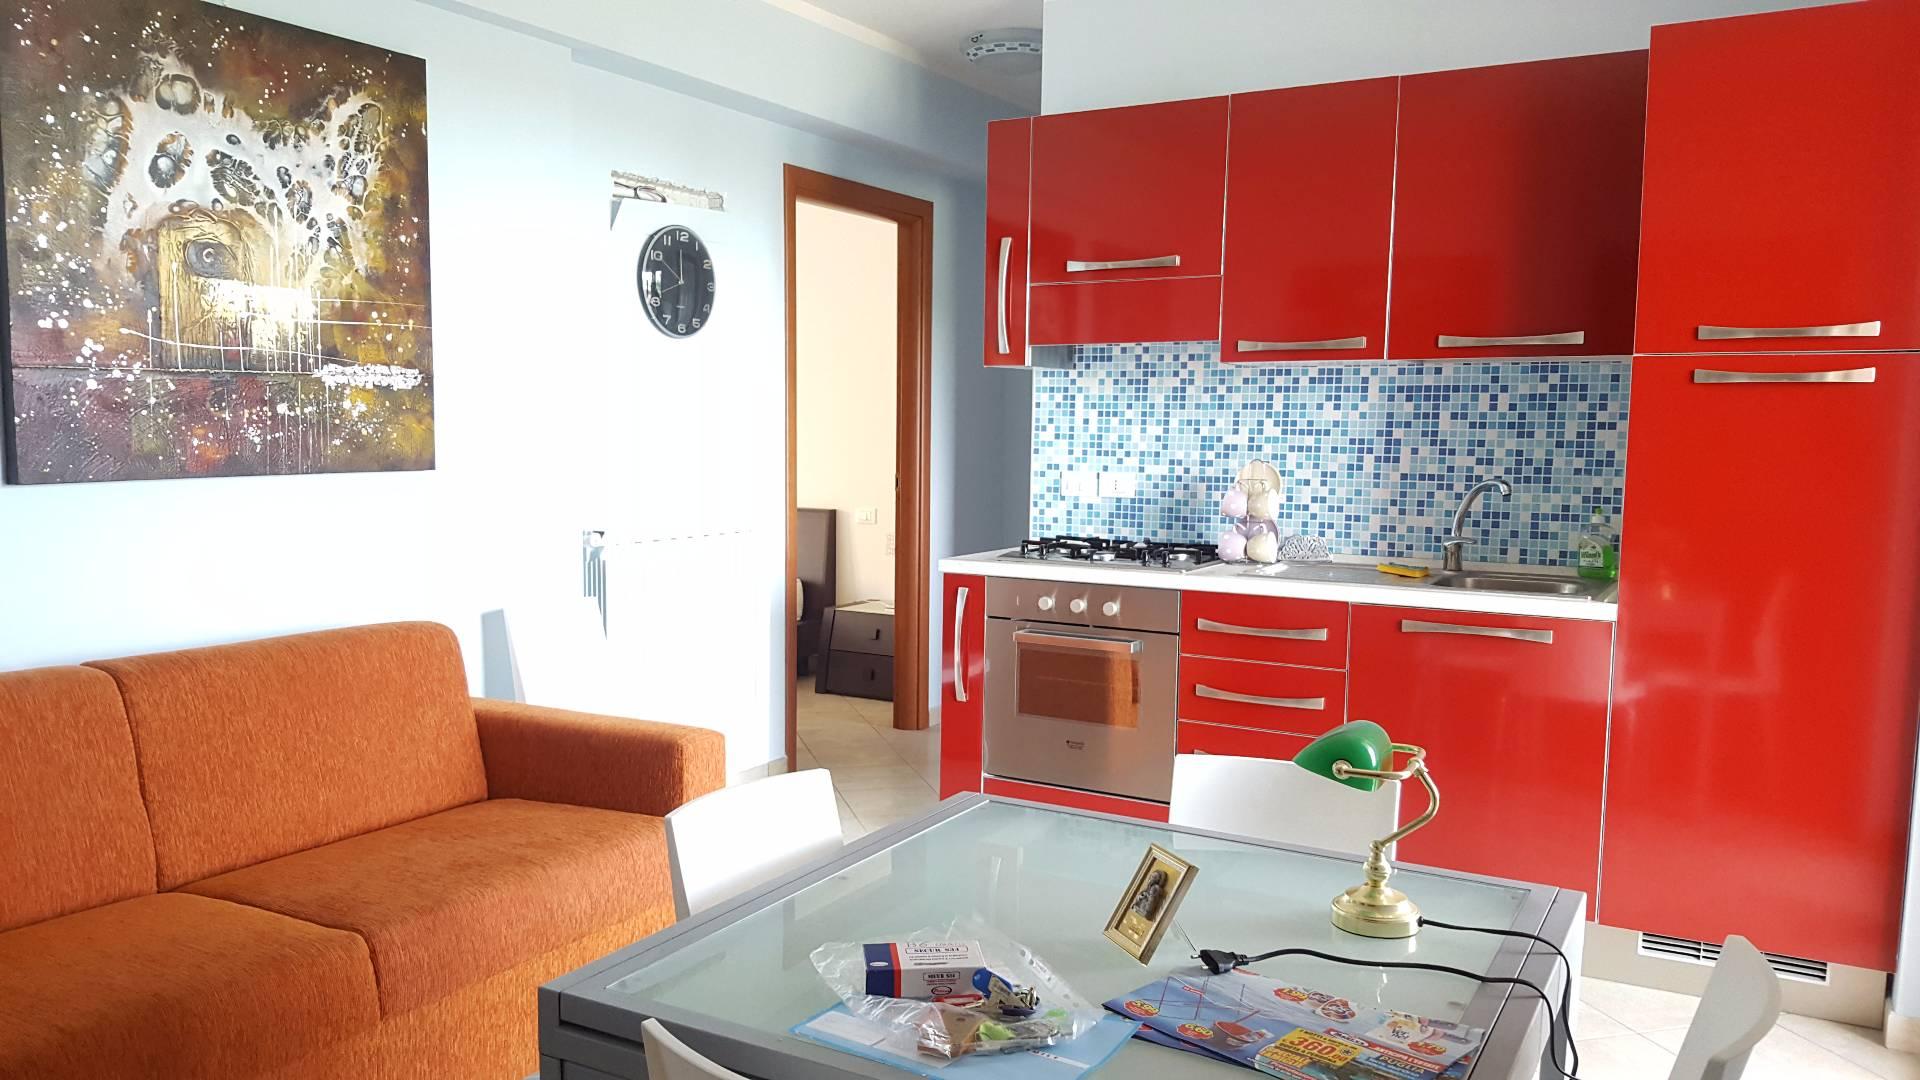 Appartamento in affitto a Tortoreto, 2 locali, zona Località: ZonaMare, prezzo € 350 | CambioCasa.it